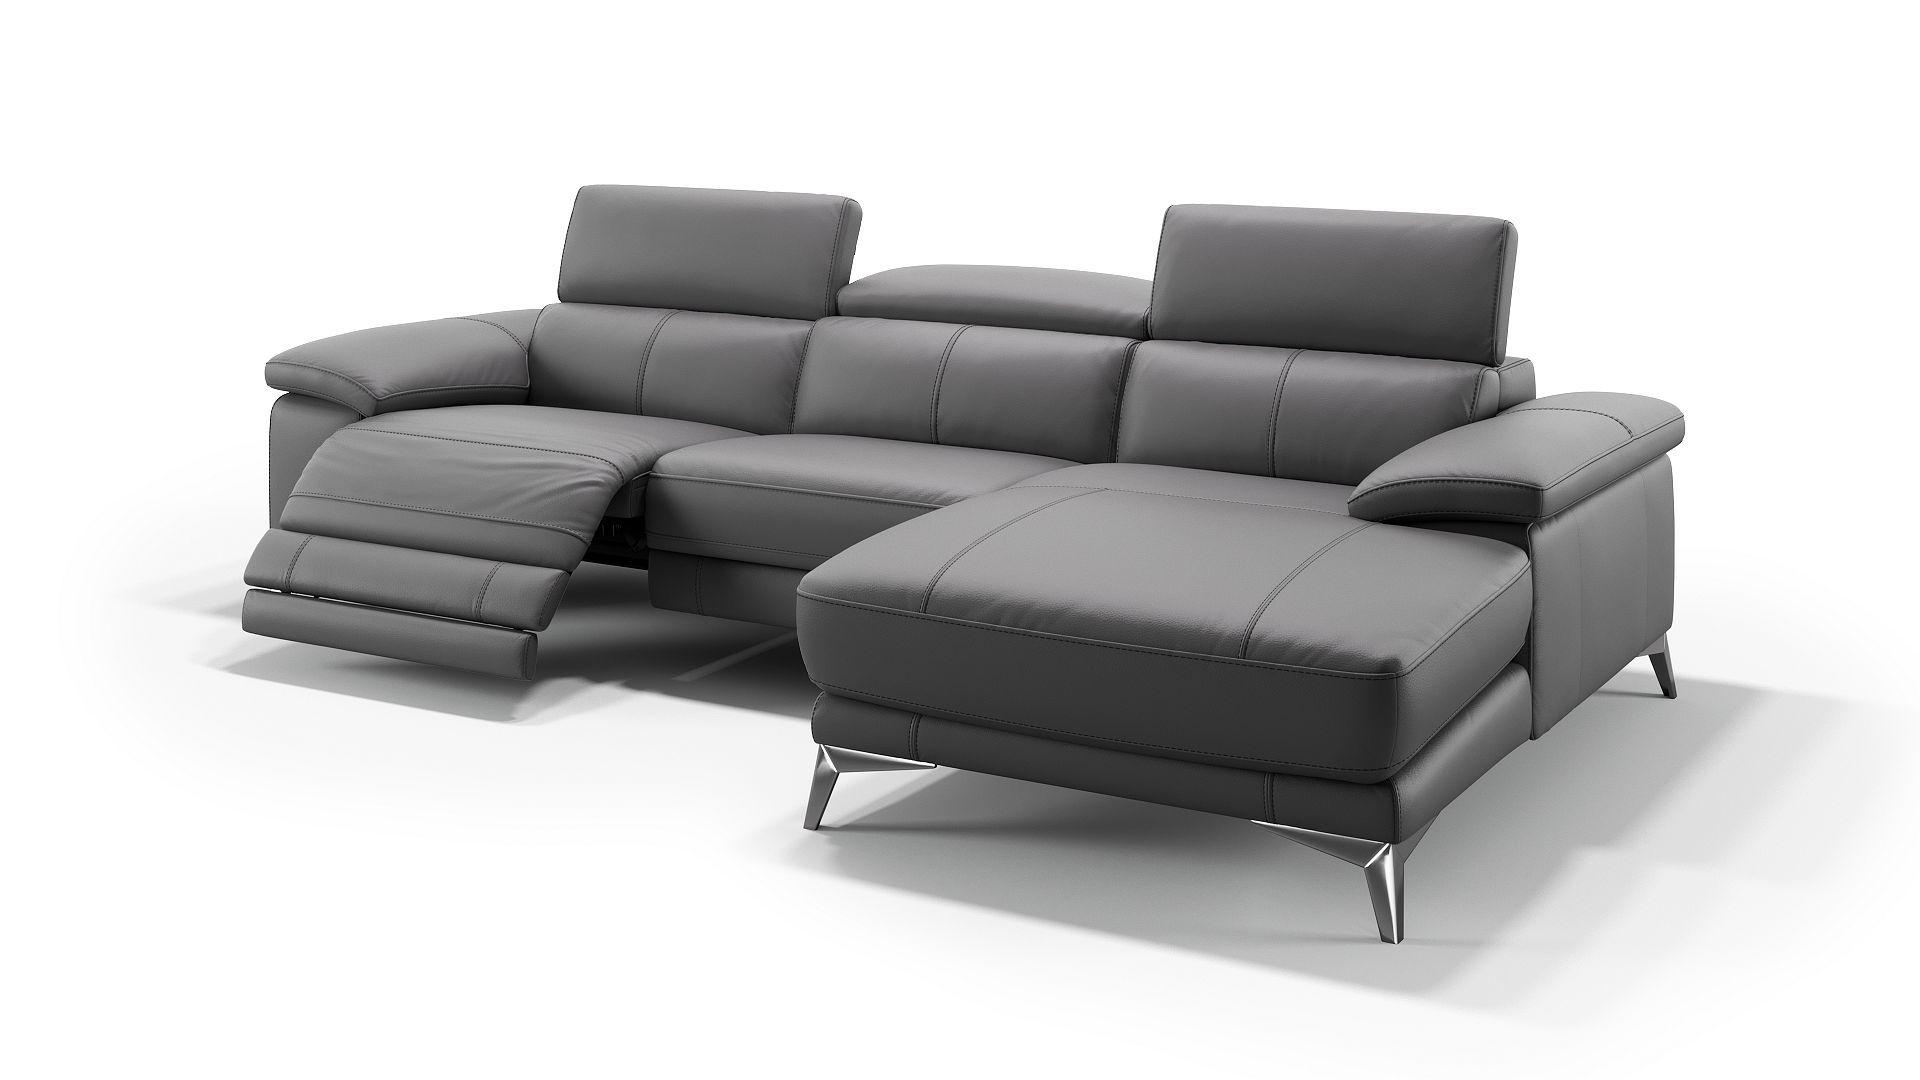 Eine Wohnlandschaft Aus Leder Schafft Einen Coolen Wohlfühlfaktorn Wohnlandschaften Sind Mit Einer Extra Großen Si Sofa Mit Relaxfunktion Moderne Couch Ecksofa